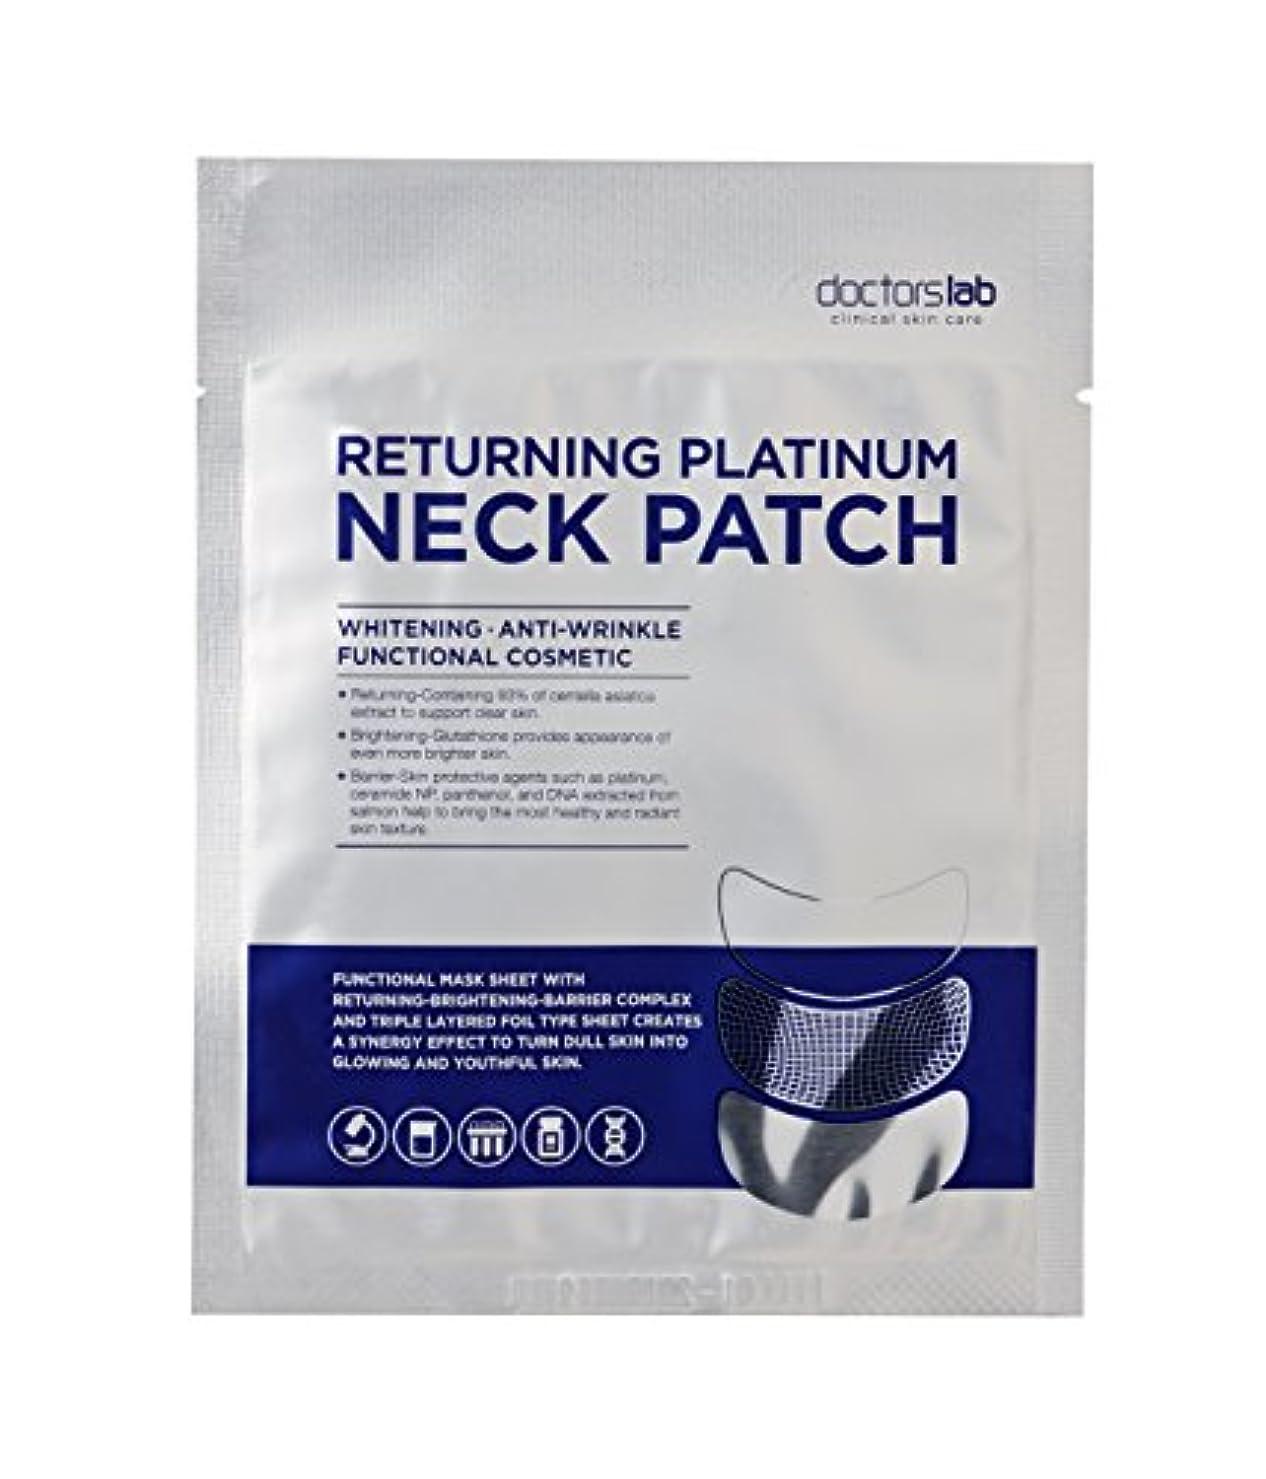 ウールアーク勇気のあるDoctor's Lab Clinical Skin Care 戻るプラチナネックパッチ 4本/箱